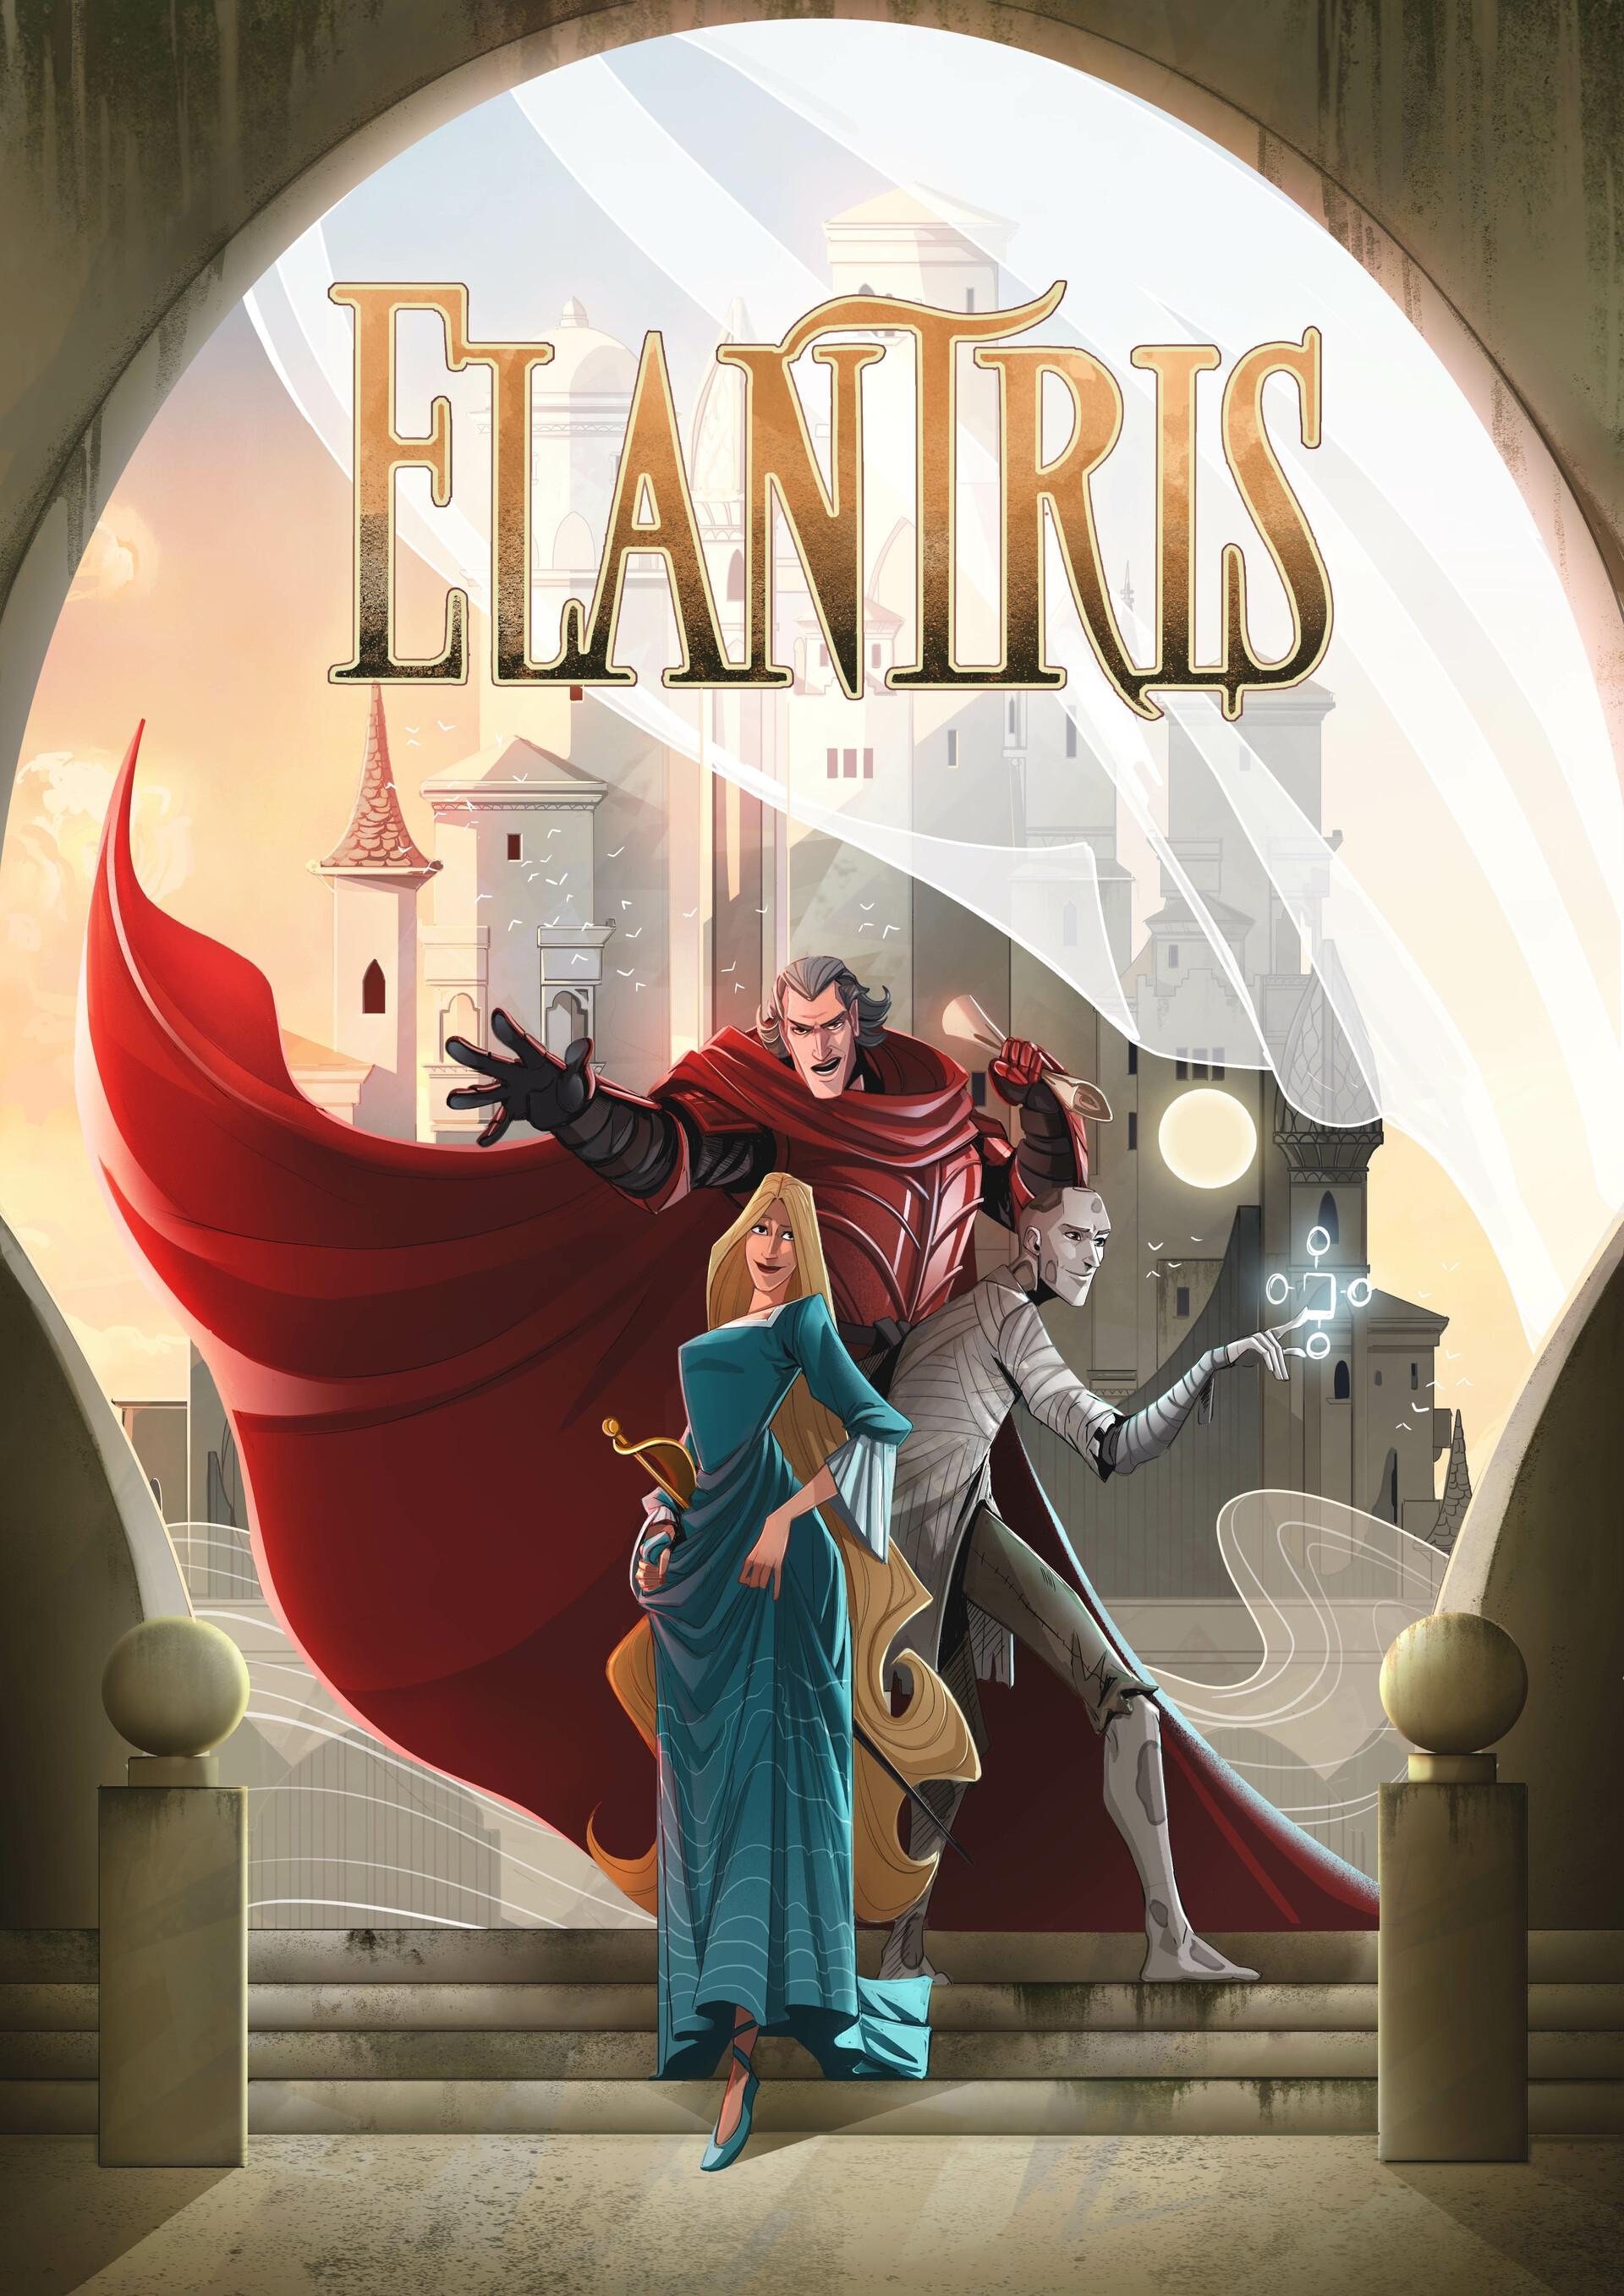 Jessi-Ochse-Elantris-Final-Cover